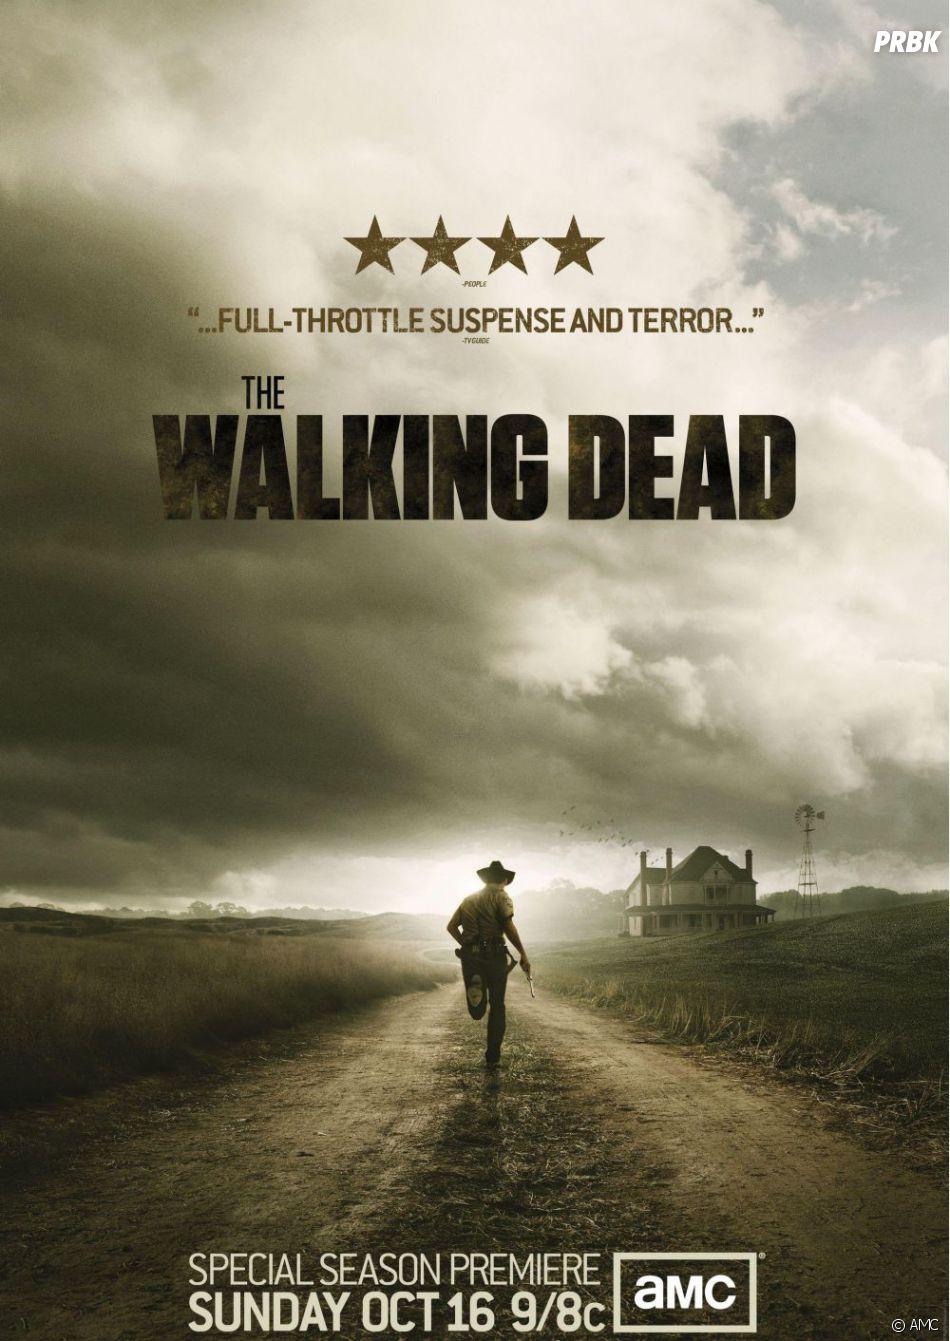 Walking Dead saison 3 arrive à l'automne 2012 sur AMC